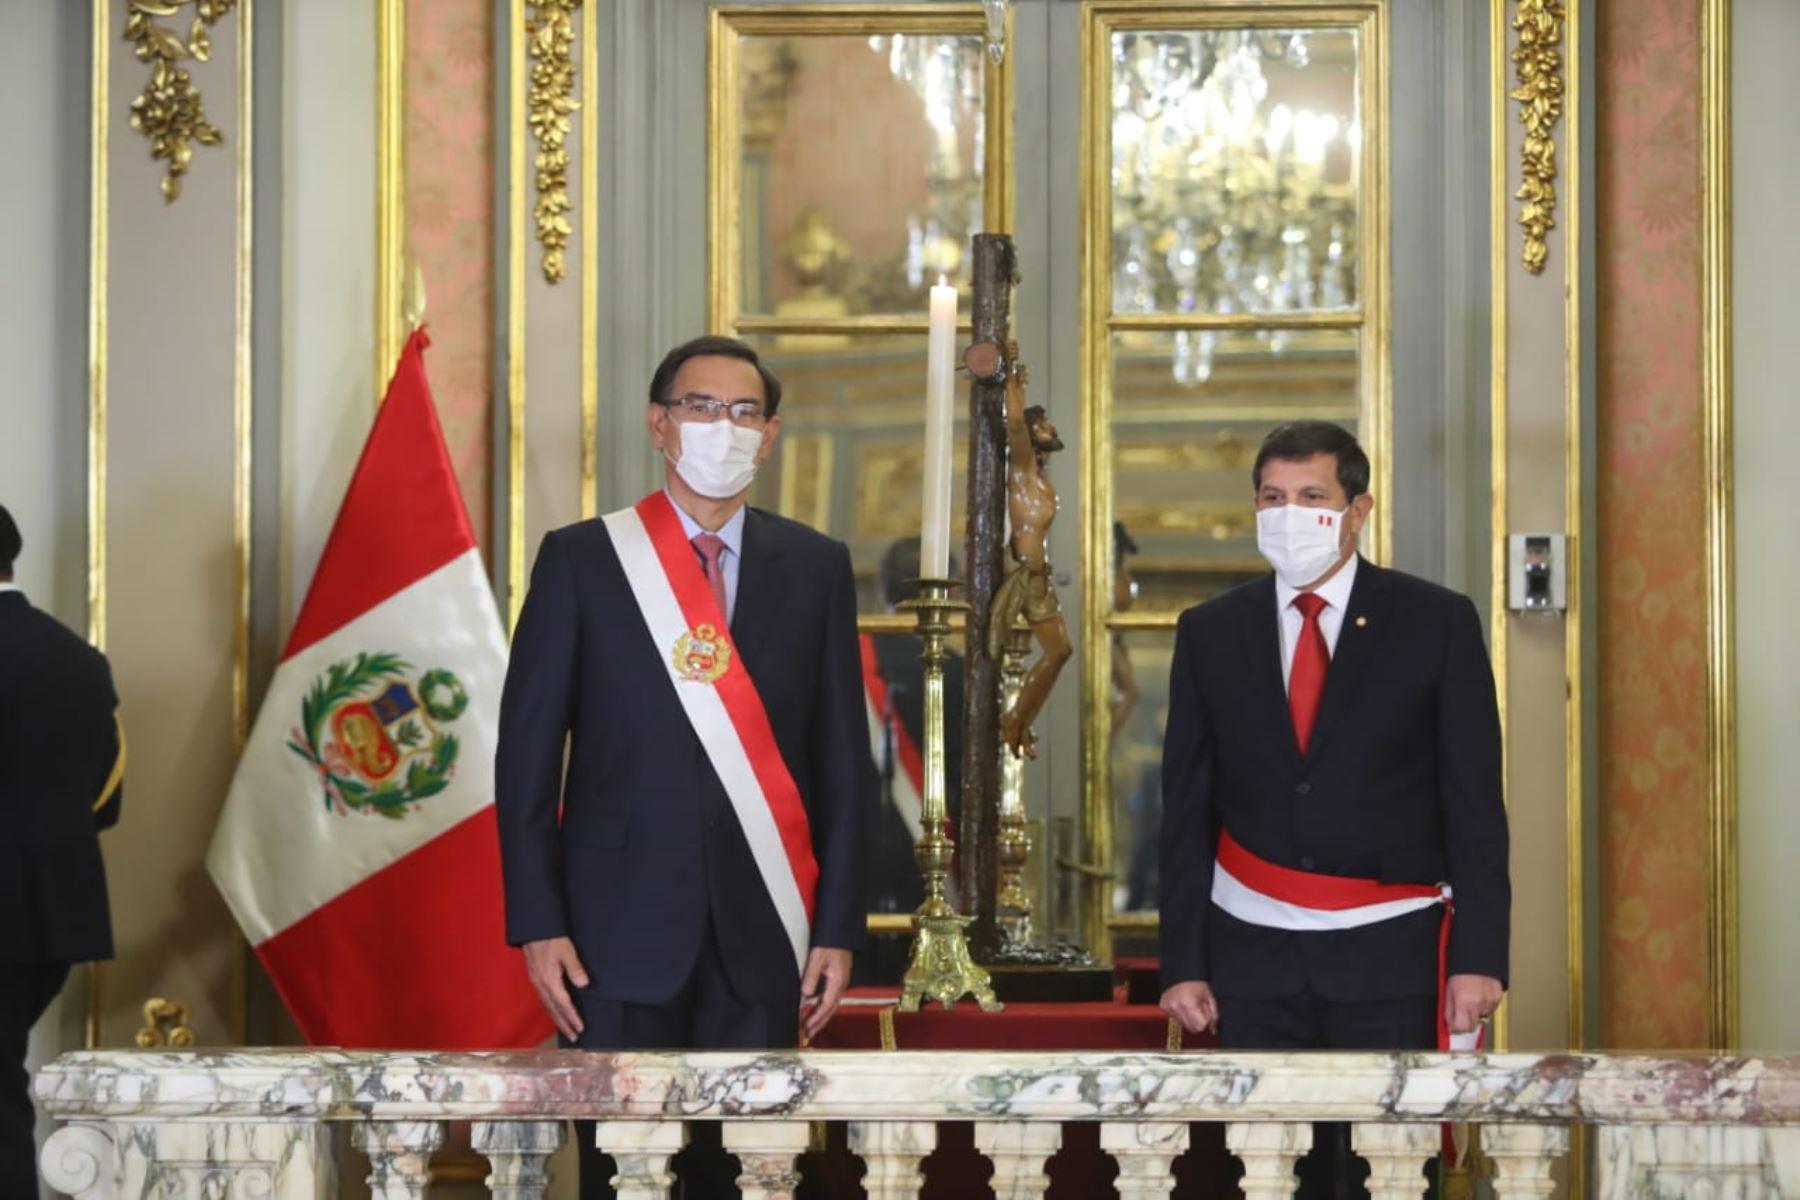 Presidente Martín Vizcarra tomó juramento a Jorge Luis Chávez Cresta como nuevo ministro de Defensa.  Foto: ANDINA / Presidencia